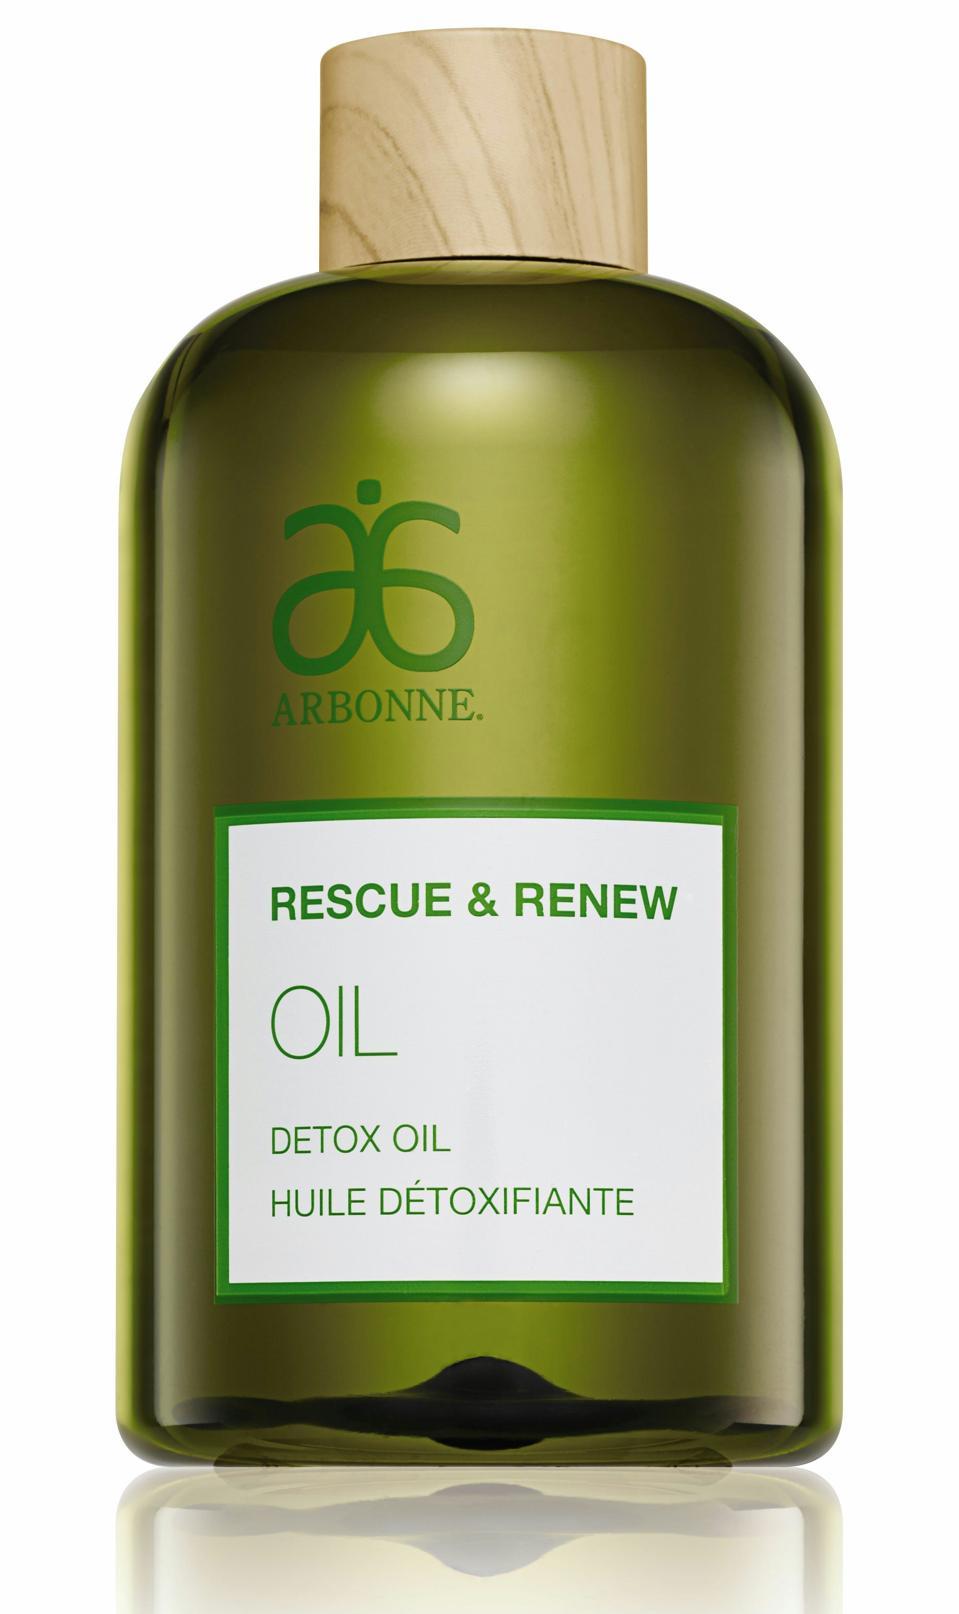 Arbonne Rescue & Renew Detox Oil